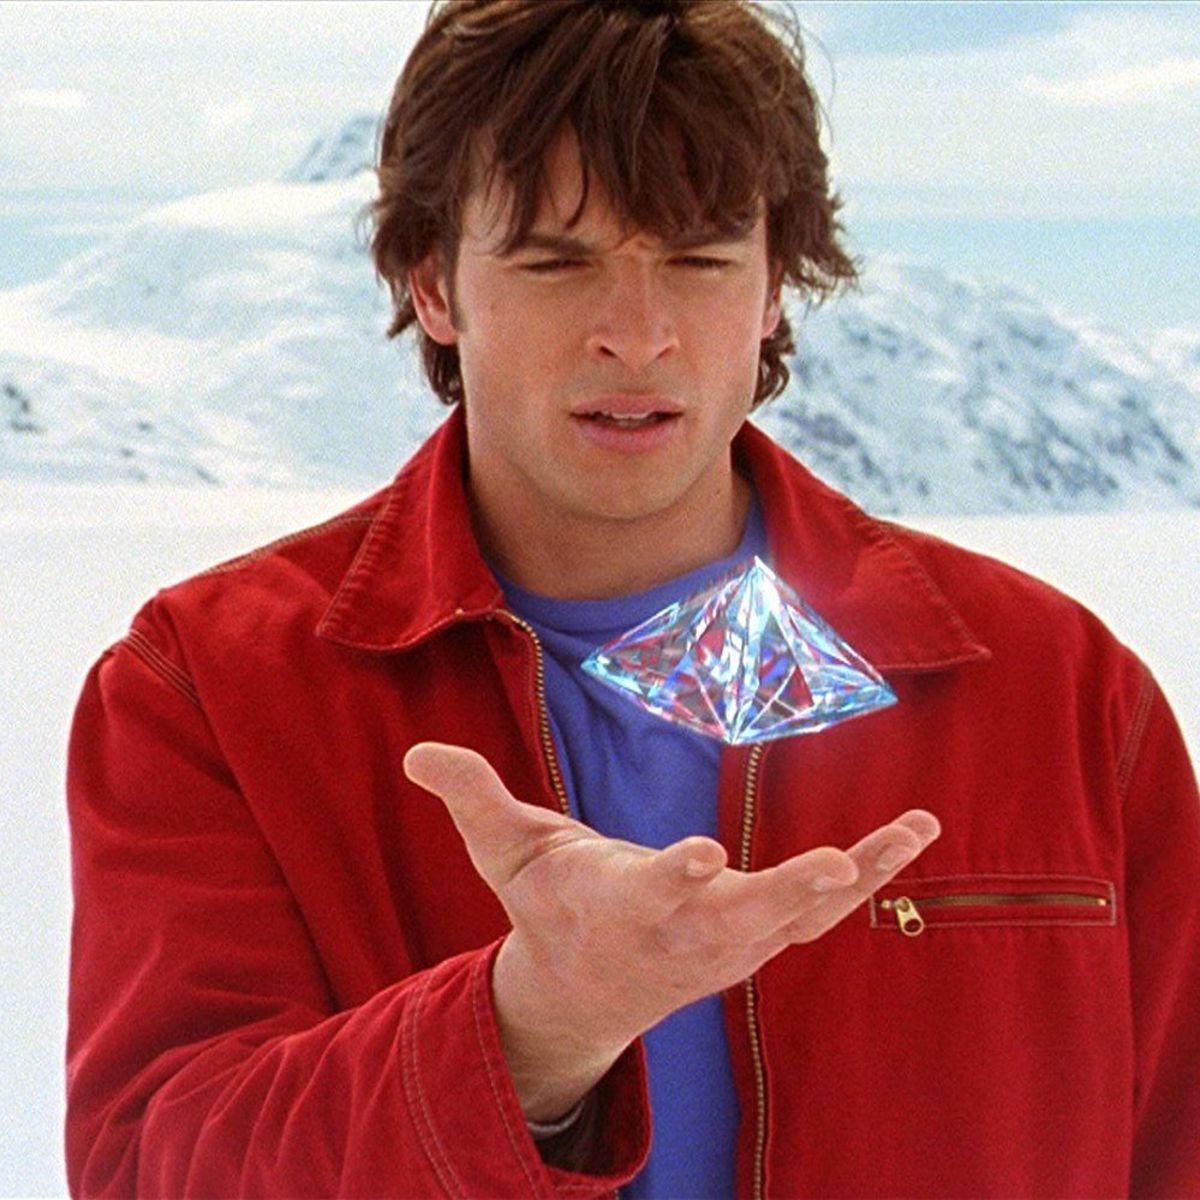 Smallville Tom Welling Clark Kent